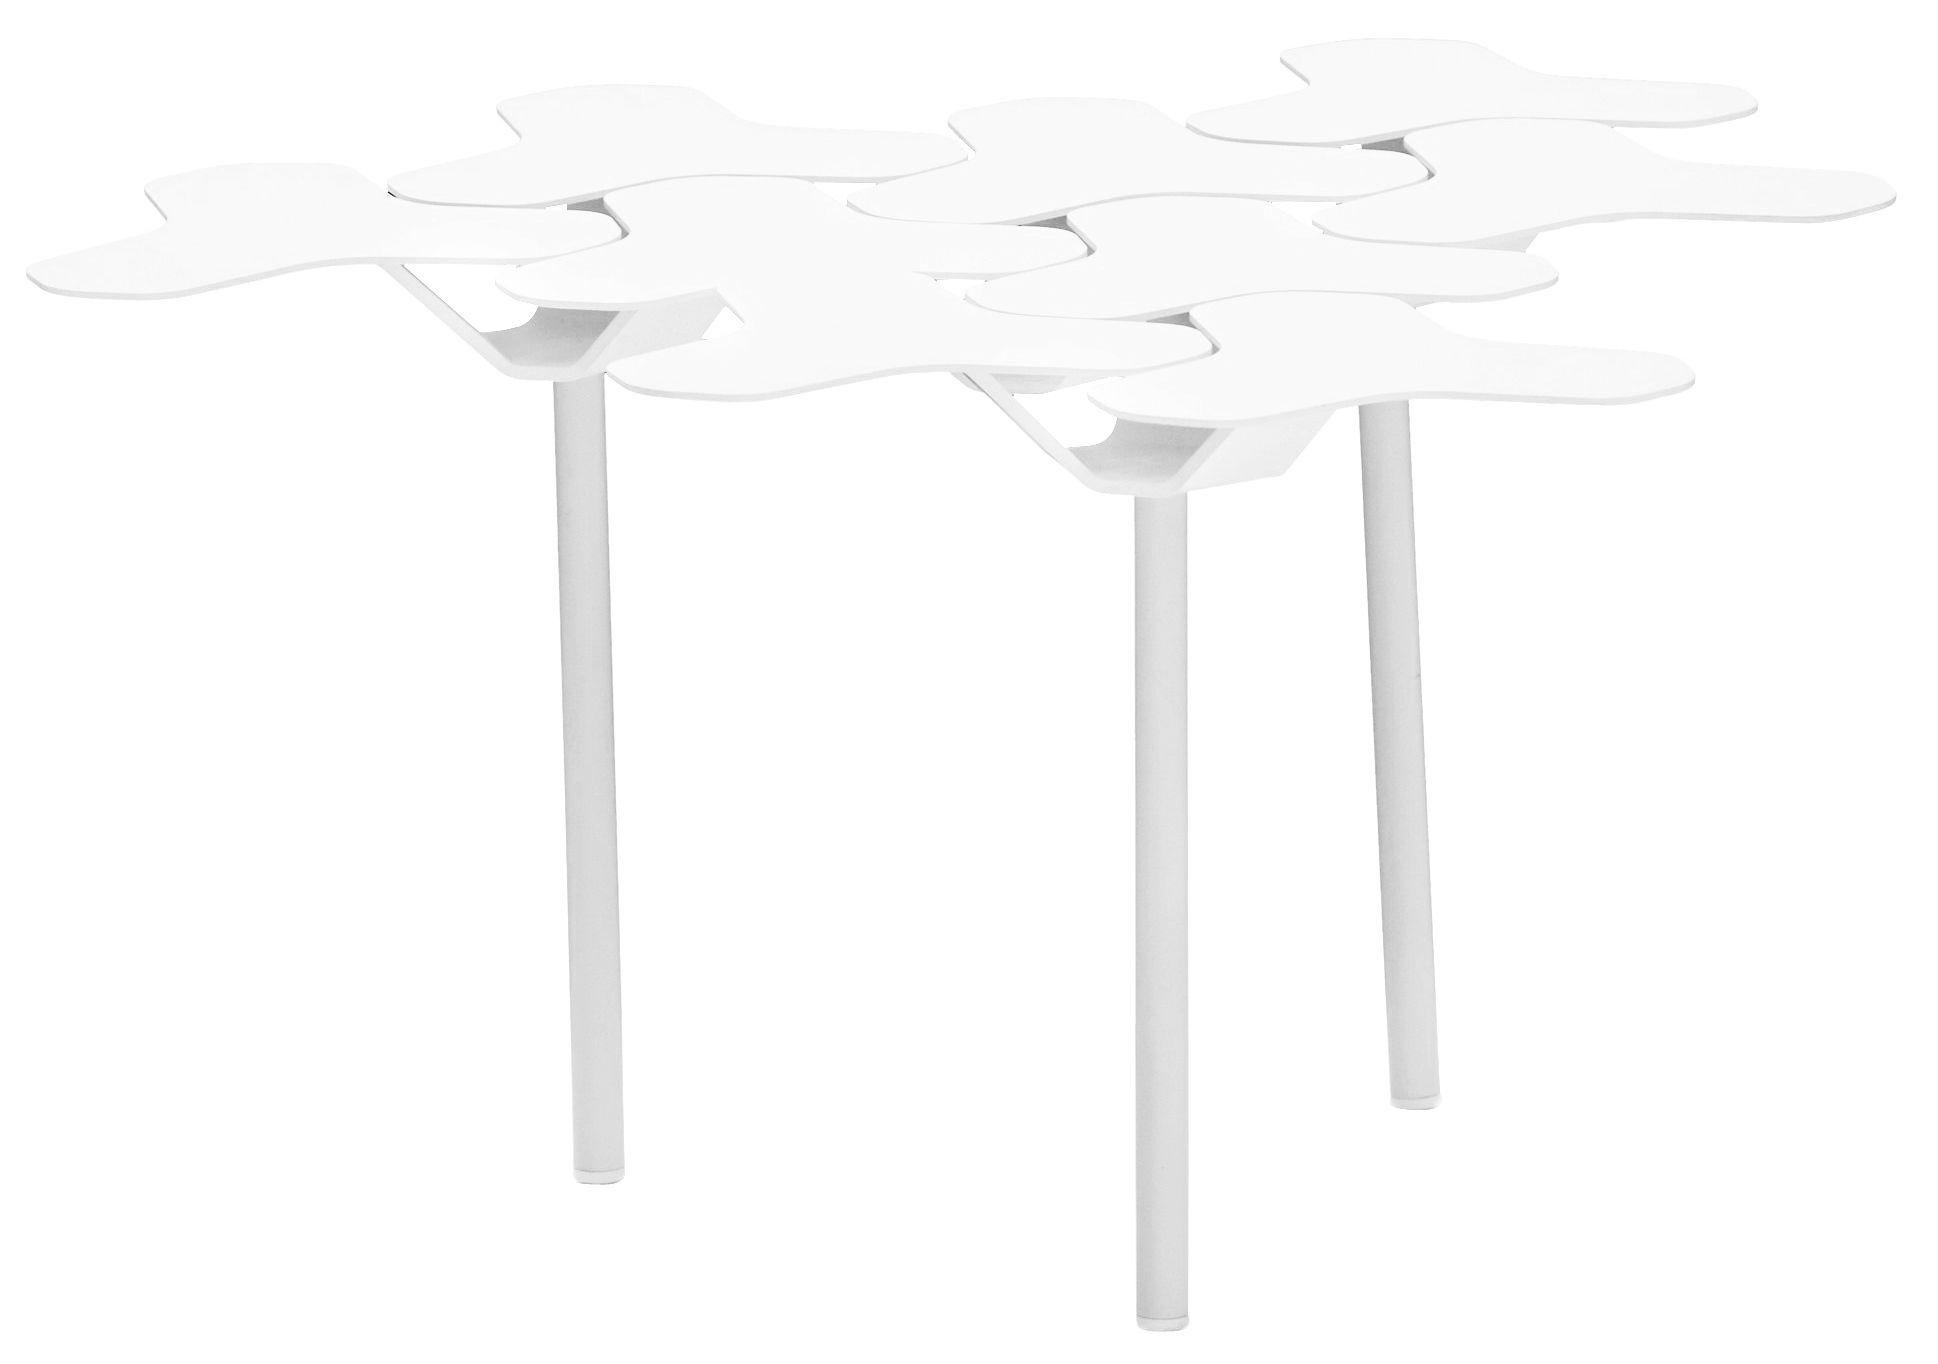 Mobilier - Tables basses - Table d'appoint Nanook / 60 x 63 cm - Métal - Moroso - Blanc - Acier verni